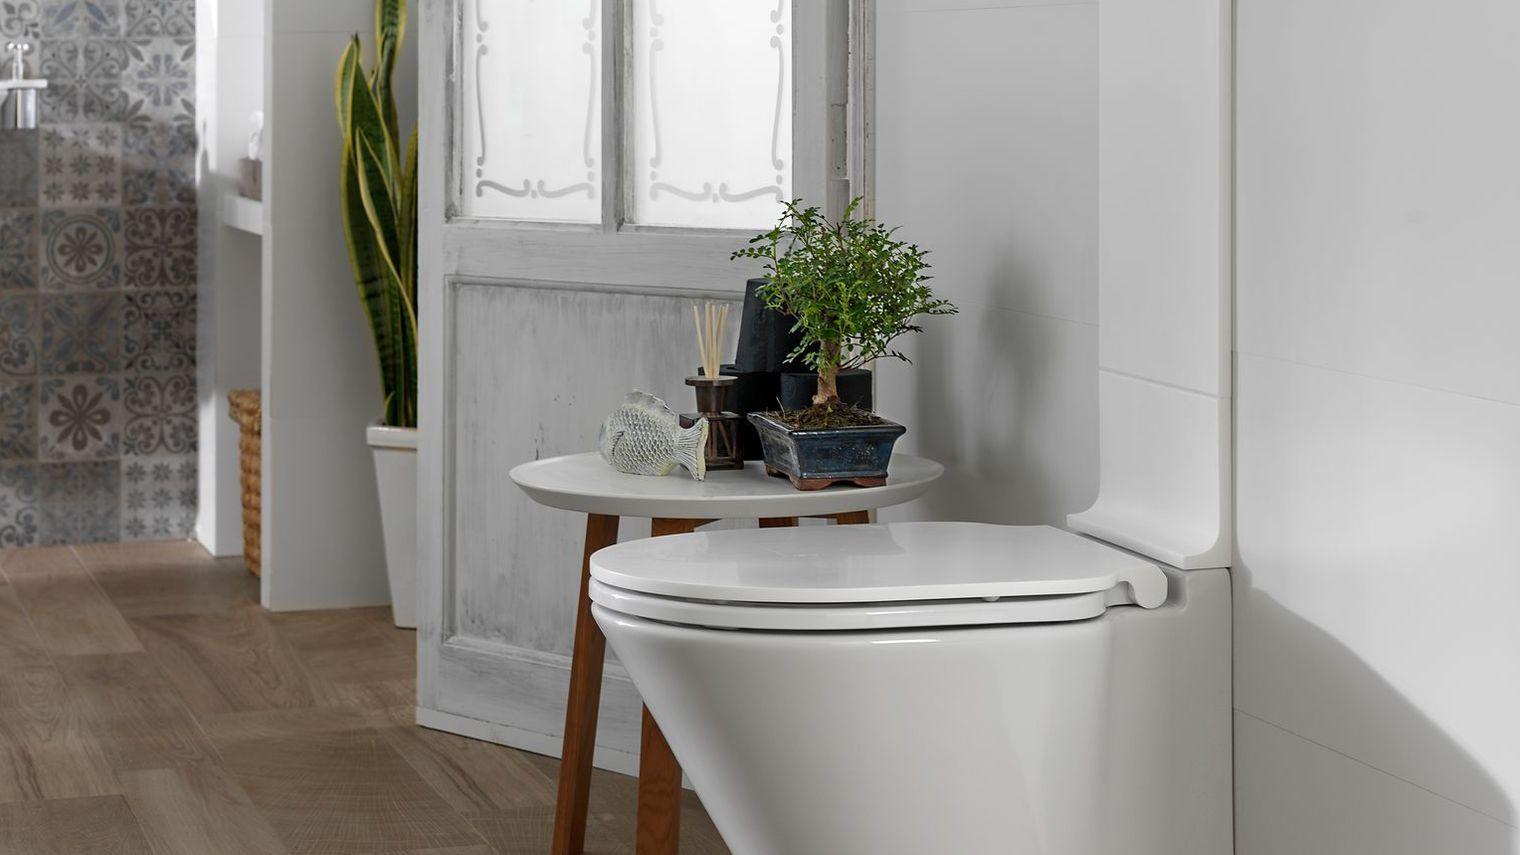 Comment Decorer Les Wc 10 idées à oublier pour la décoration des toilettes